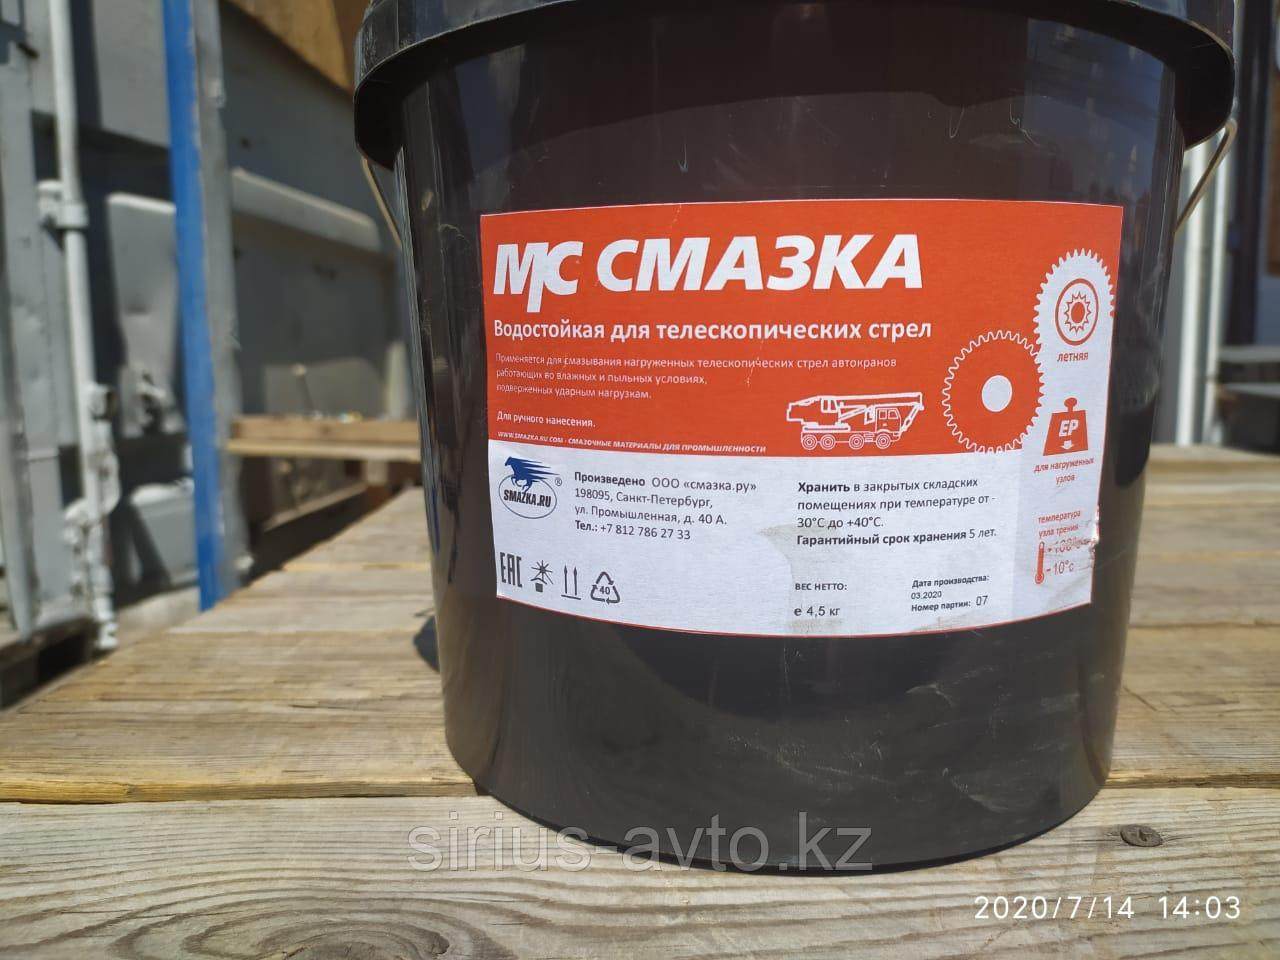 Смазка.ру Смазка для телескопических стрел, ведро 4,5 кг (летняя)